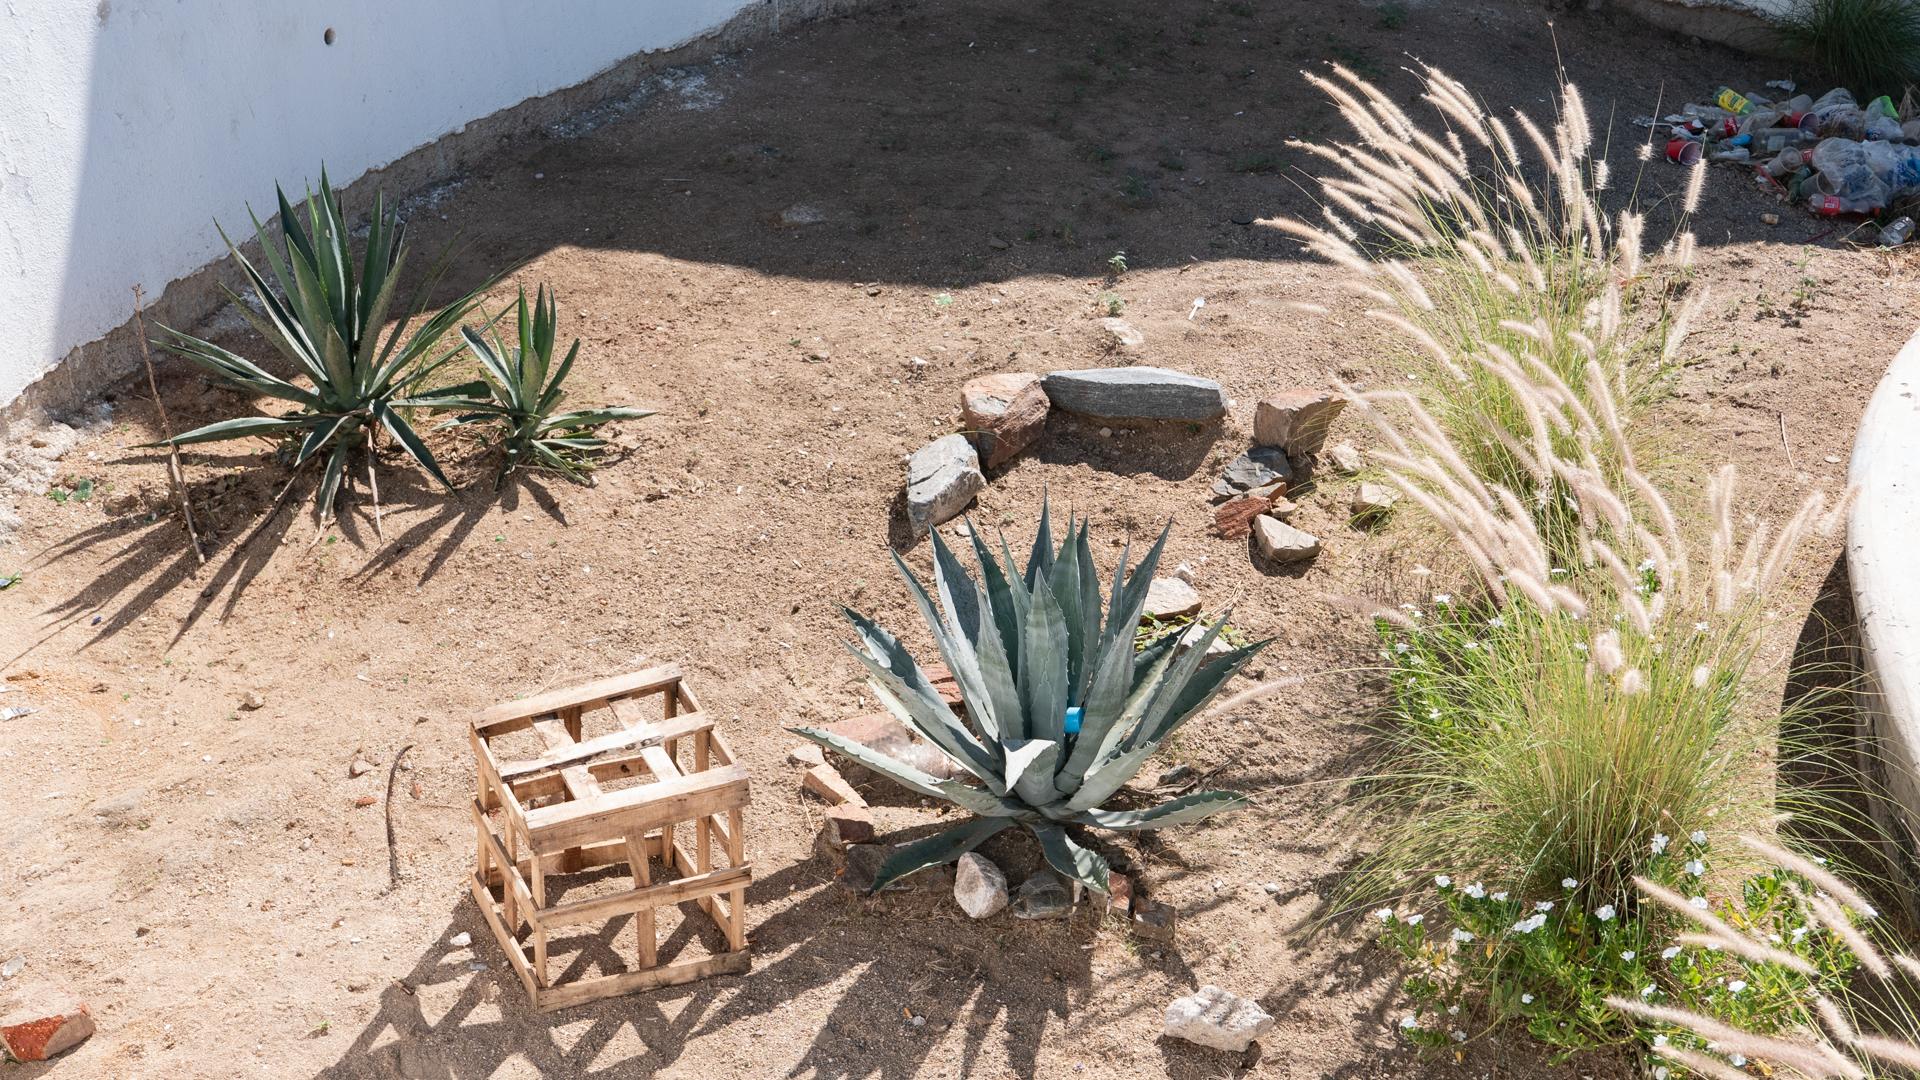 cabo-san-lucas-objects-sand.jpg